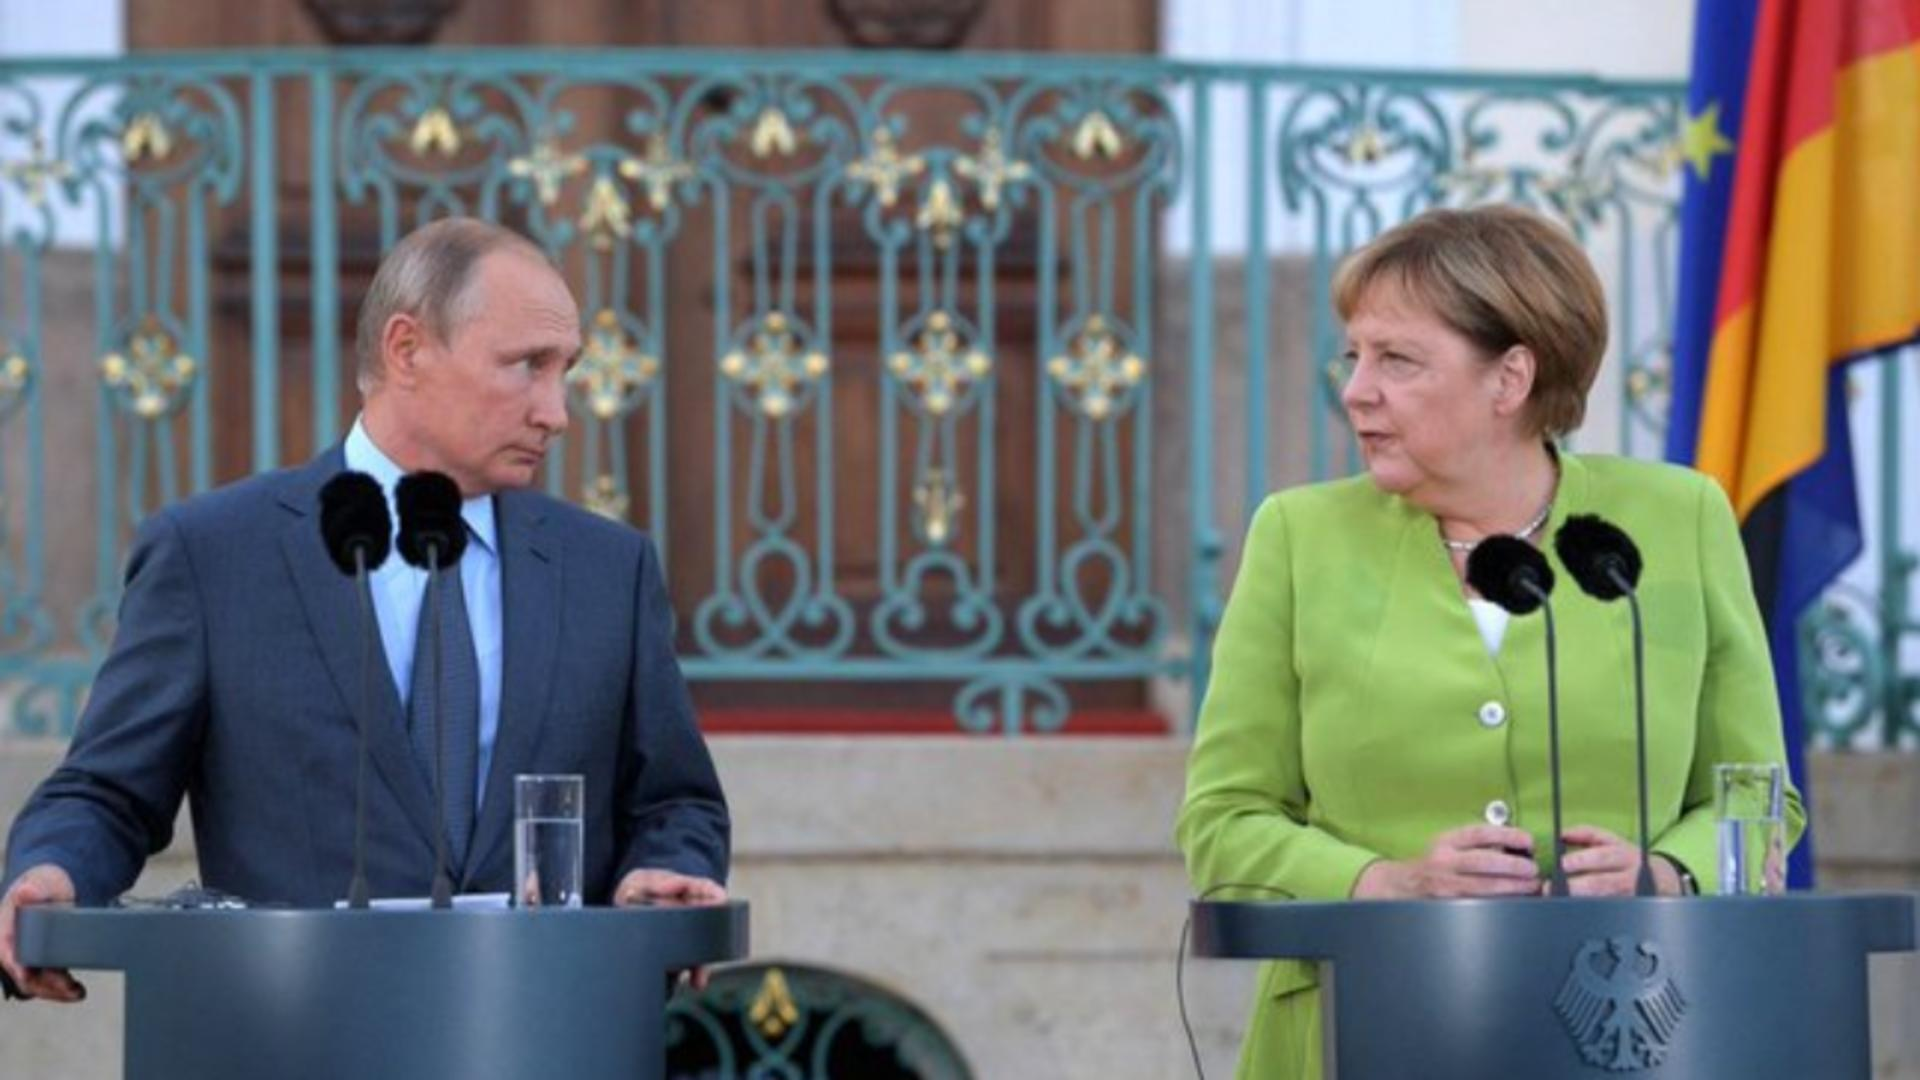 Merkel și Putin, față în față, pentru gazoductul Nord Stream 2 Foto: Twitter.com